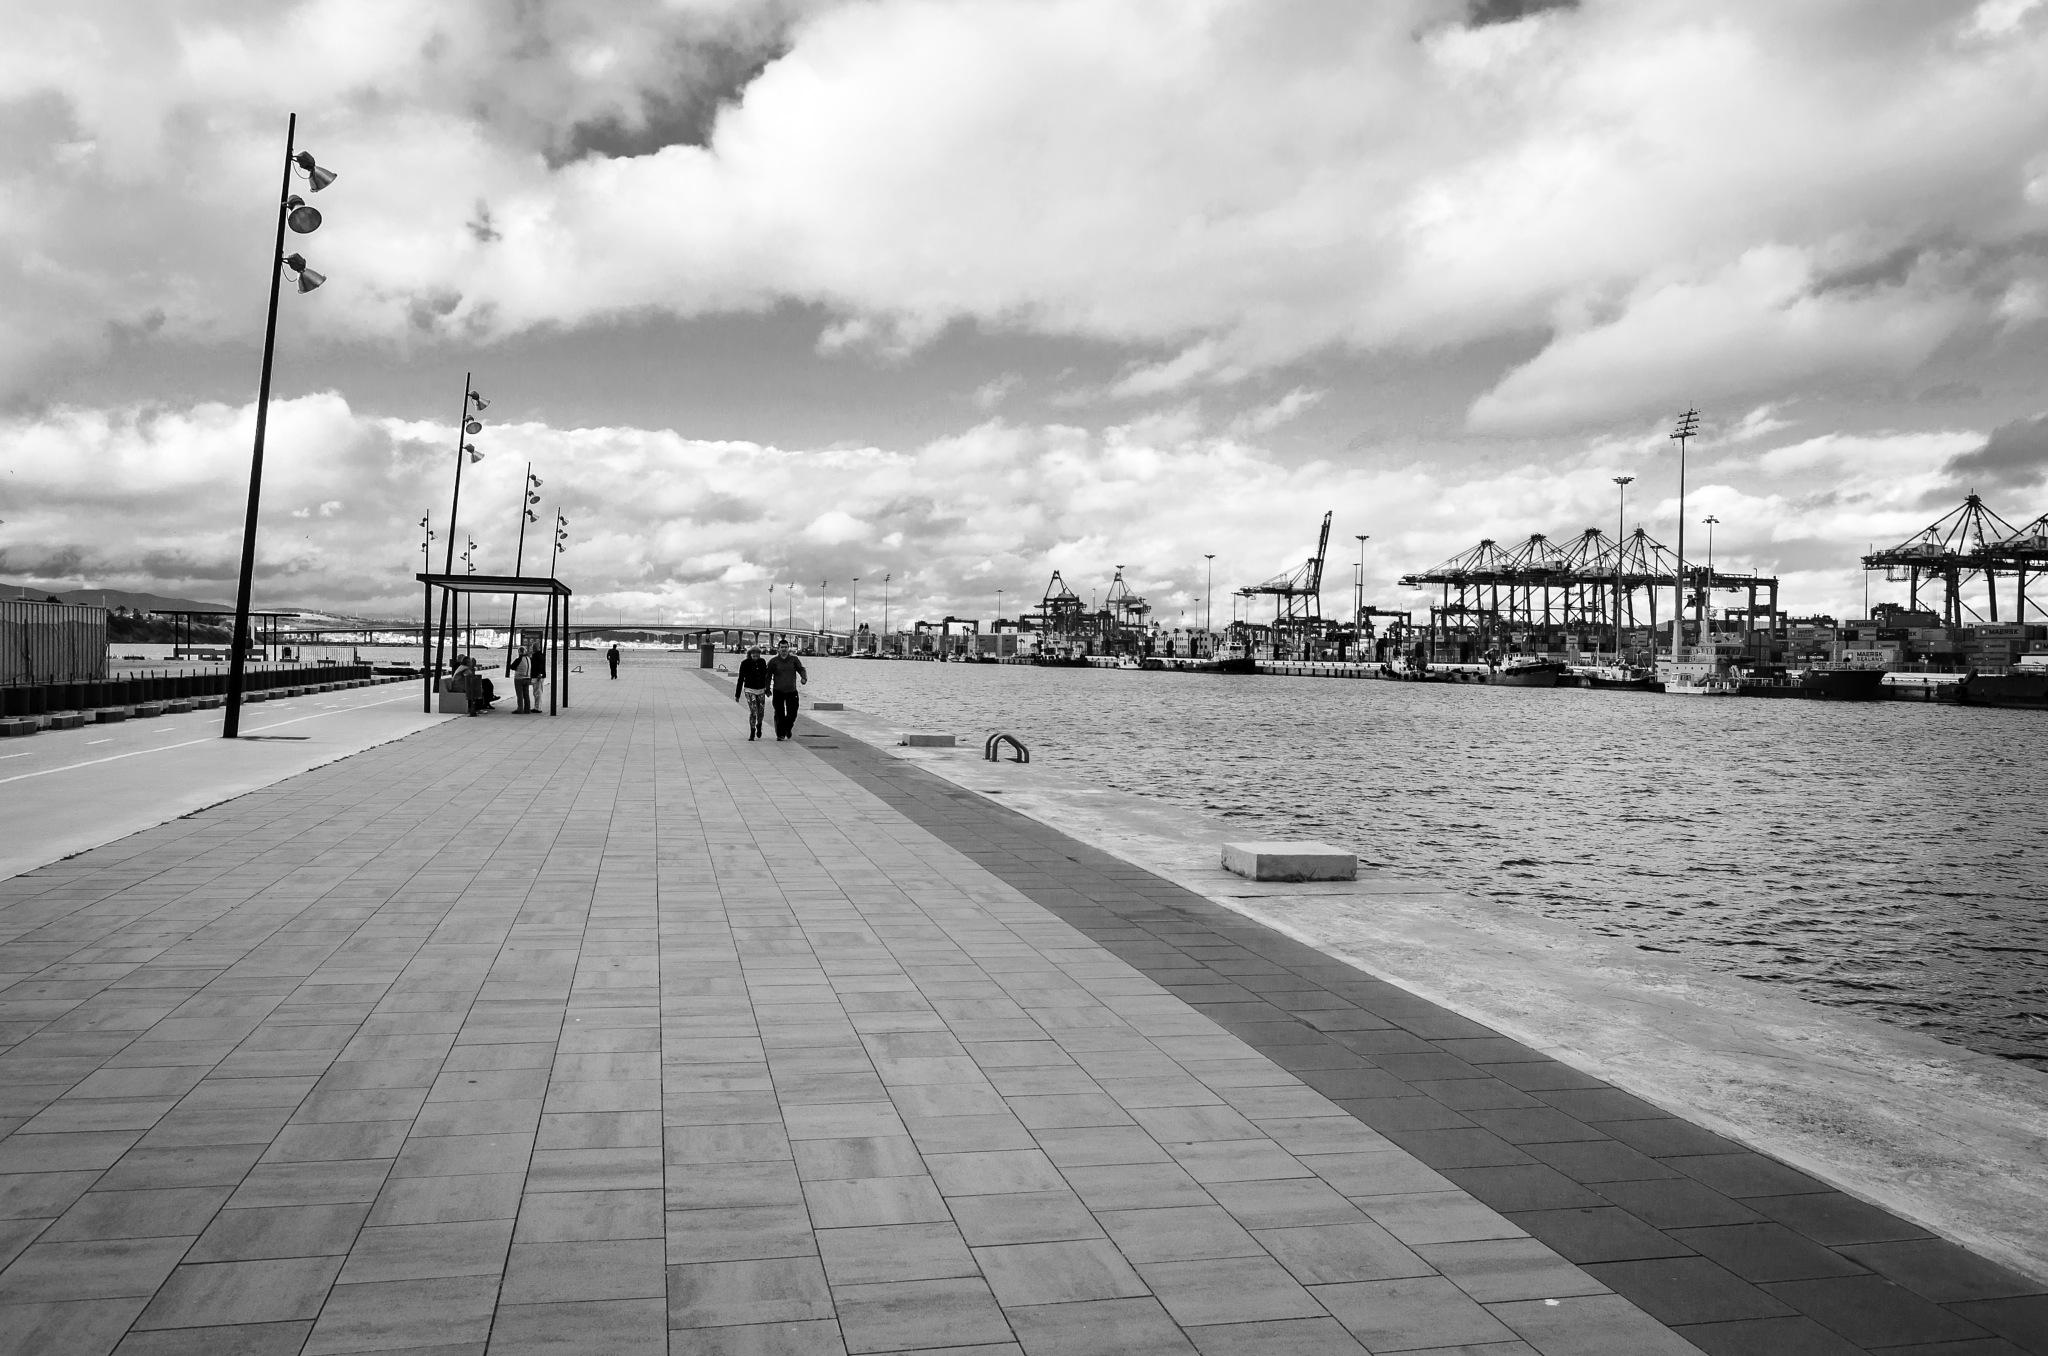 Puerto de Algeciras III by Borja Robles